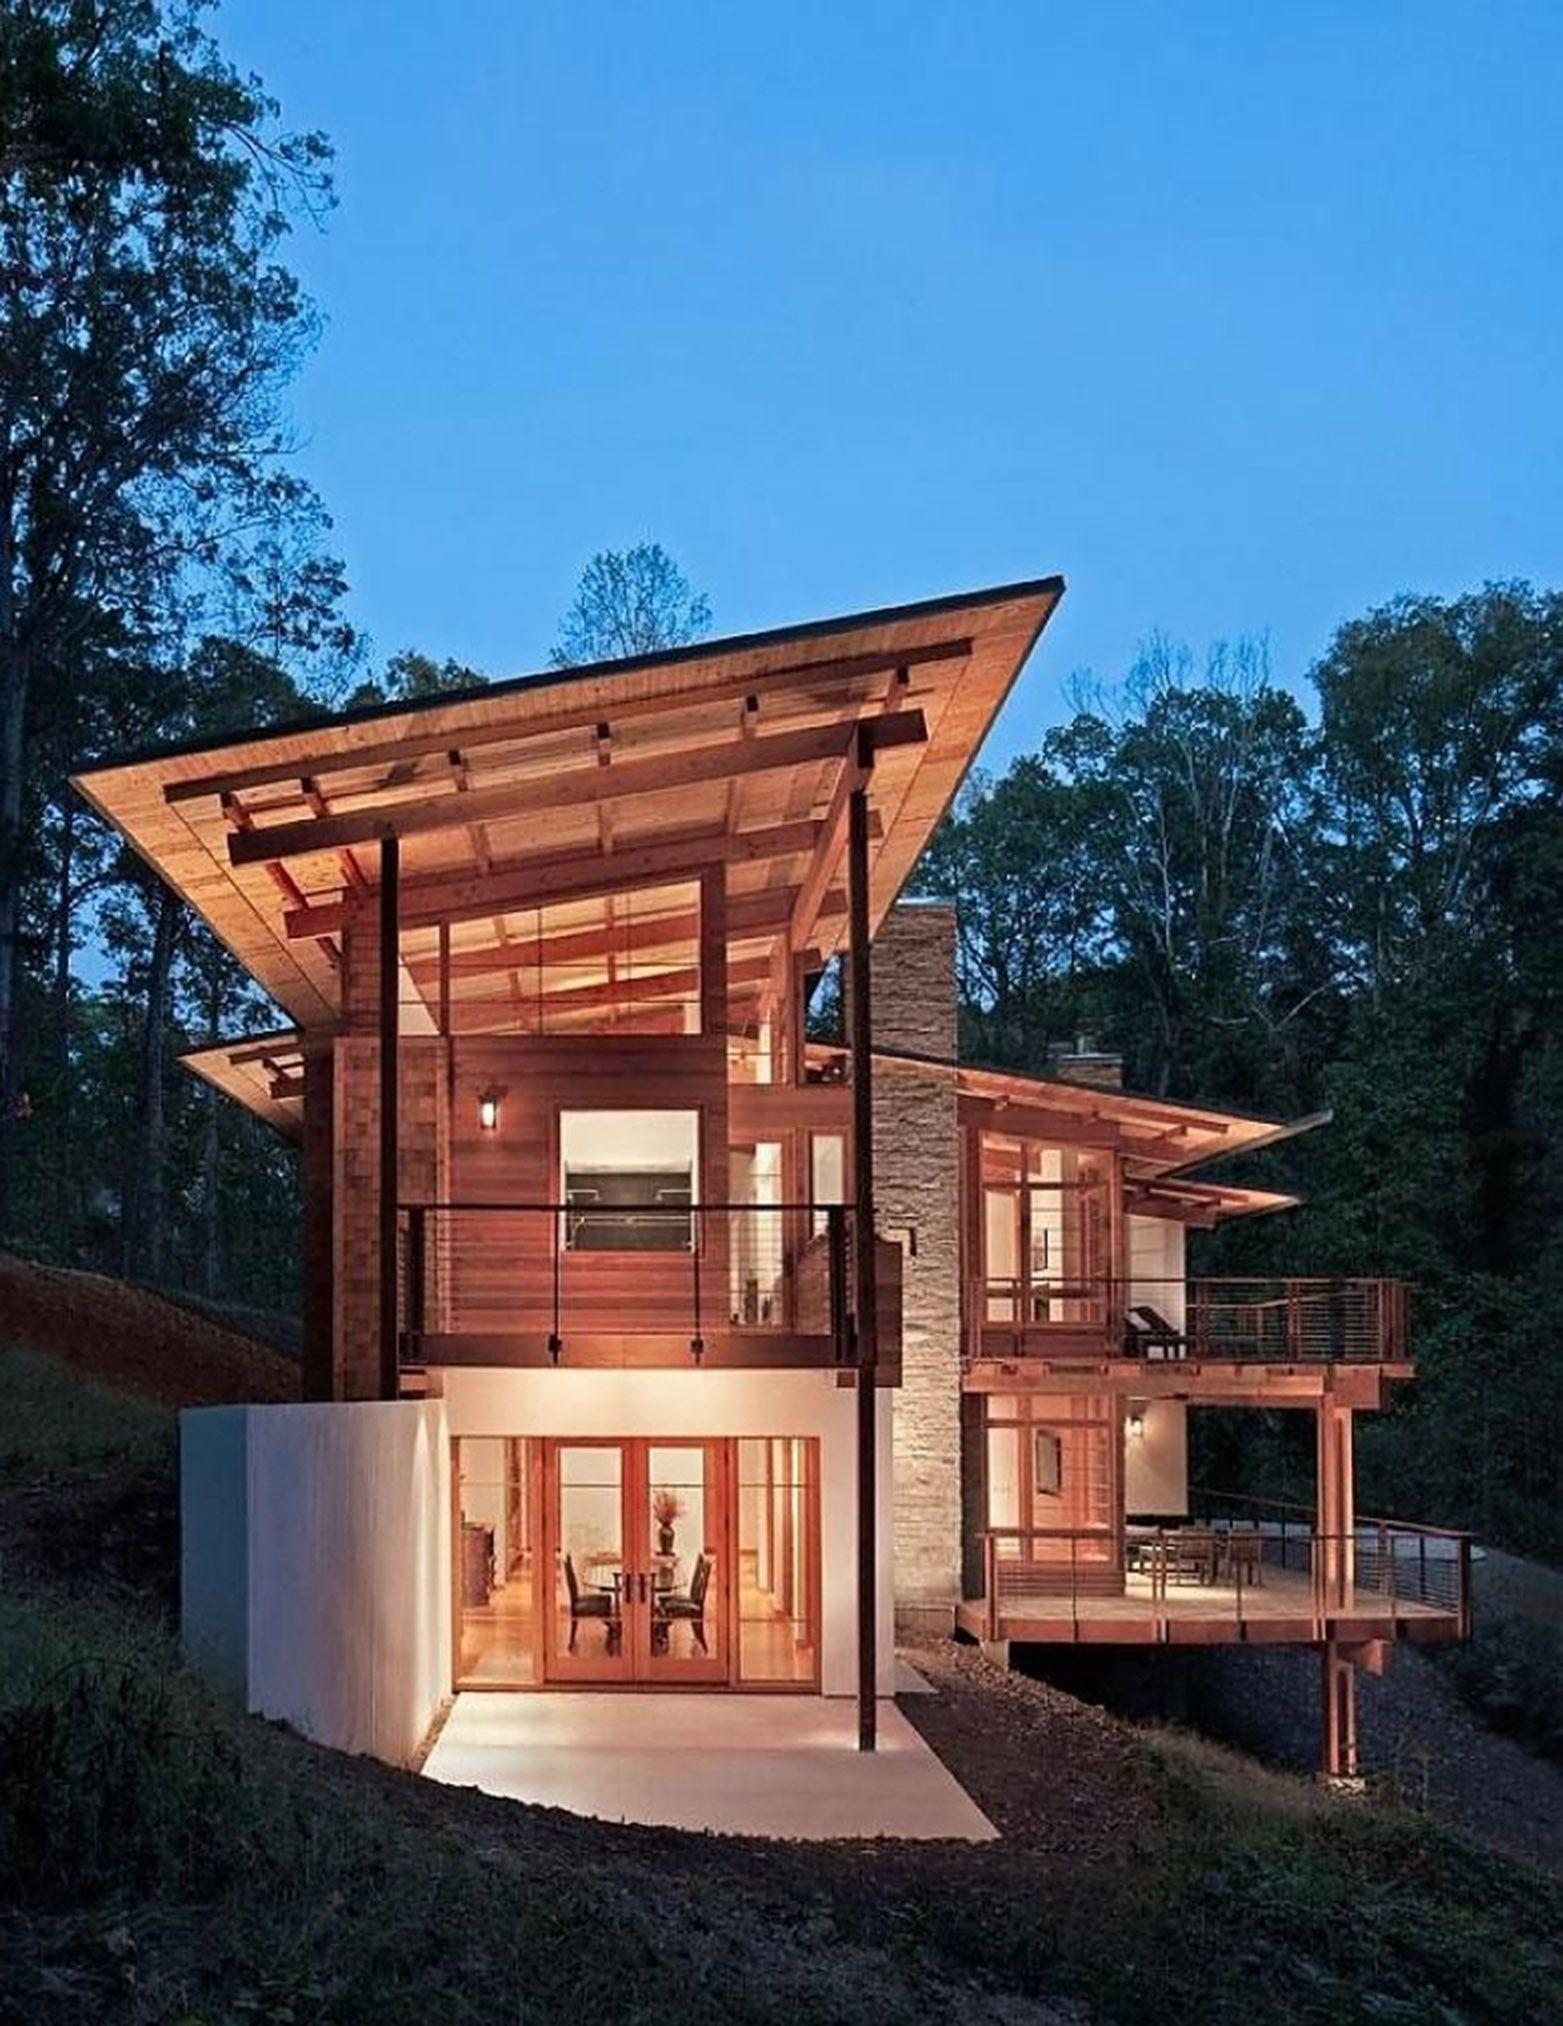 Modlar Architecture Modern Architecture Architecture Design